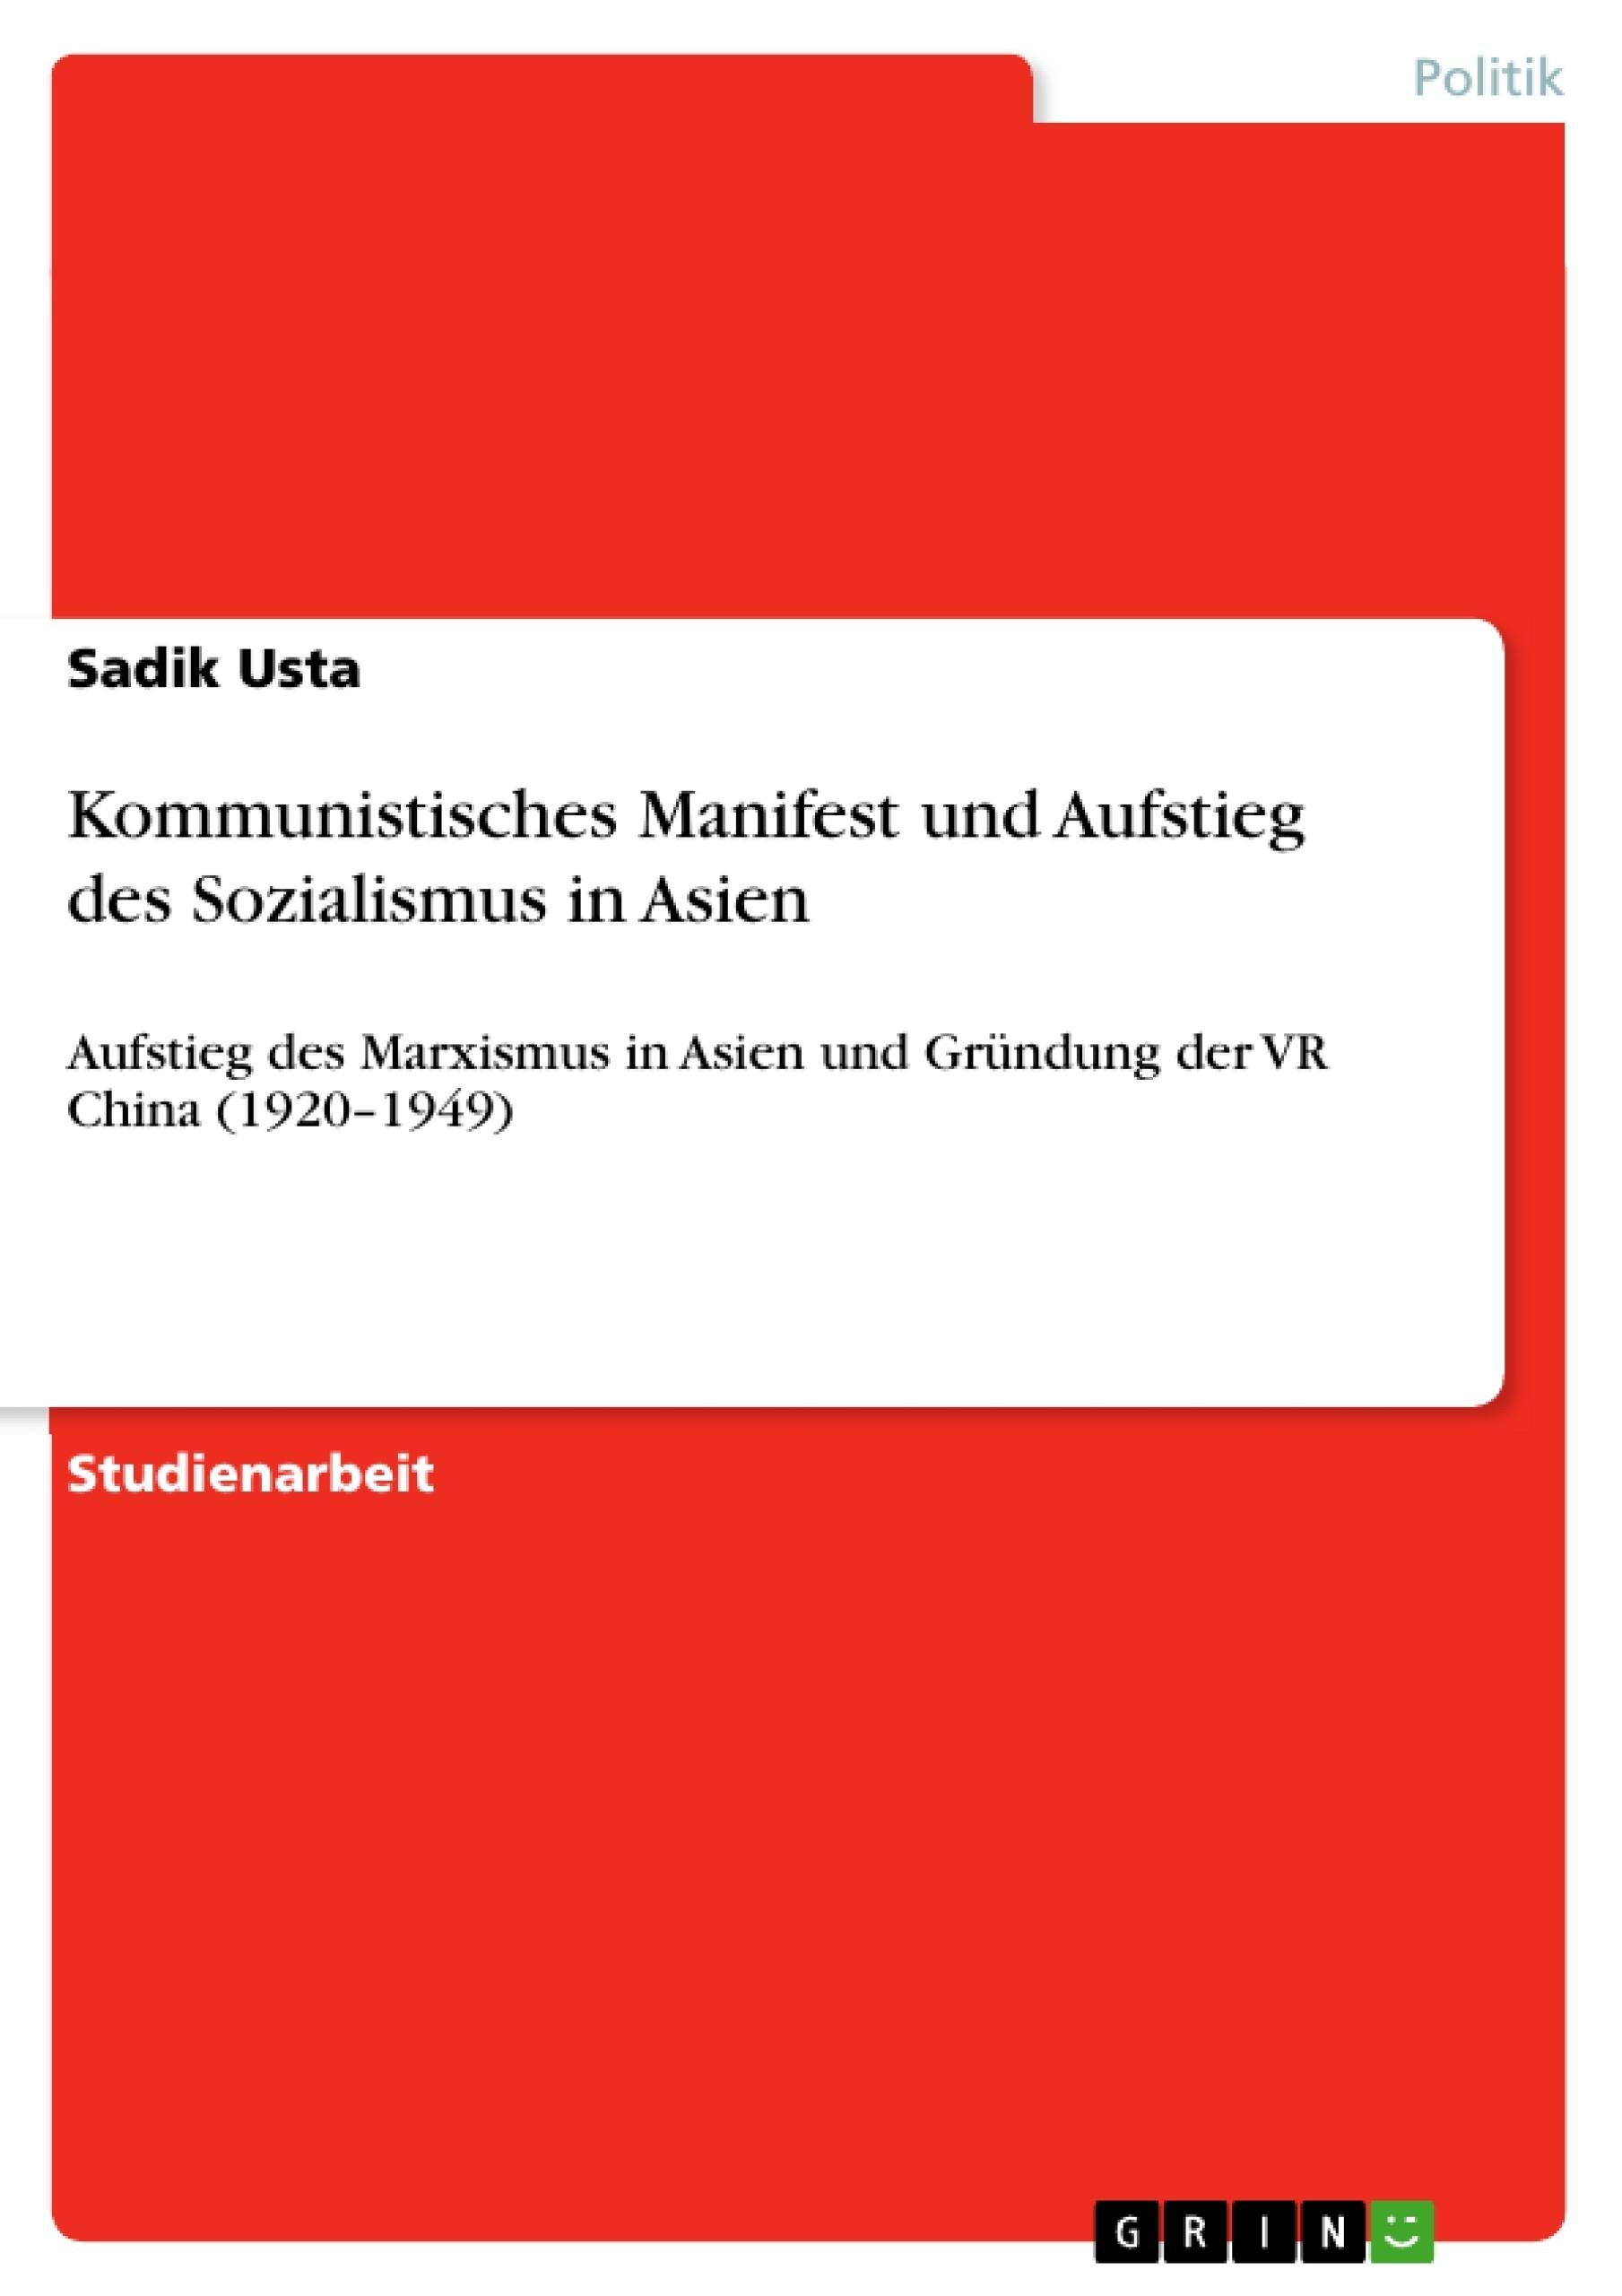 Titel: Kommunistisches Manifest und Aufstieg des Sozialismus in Asien